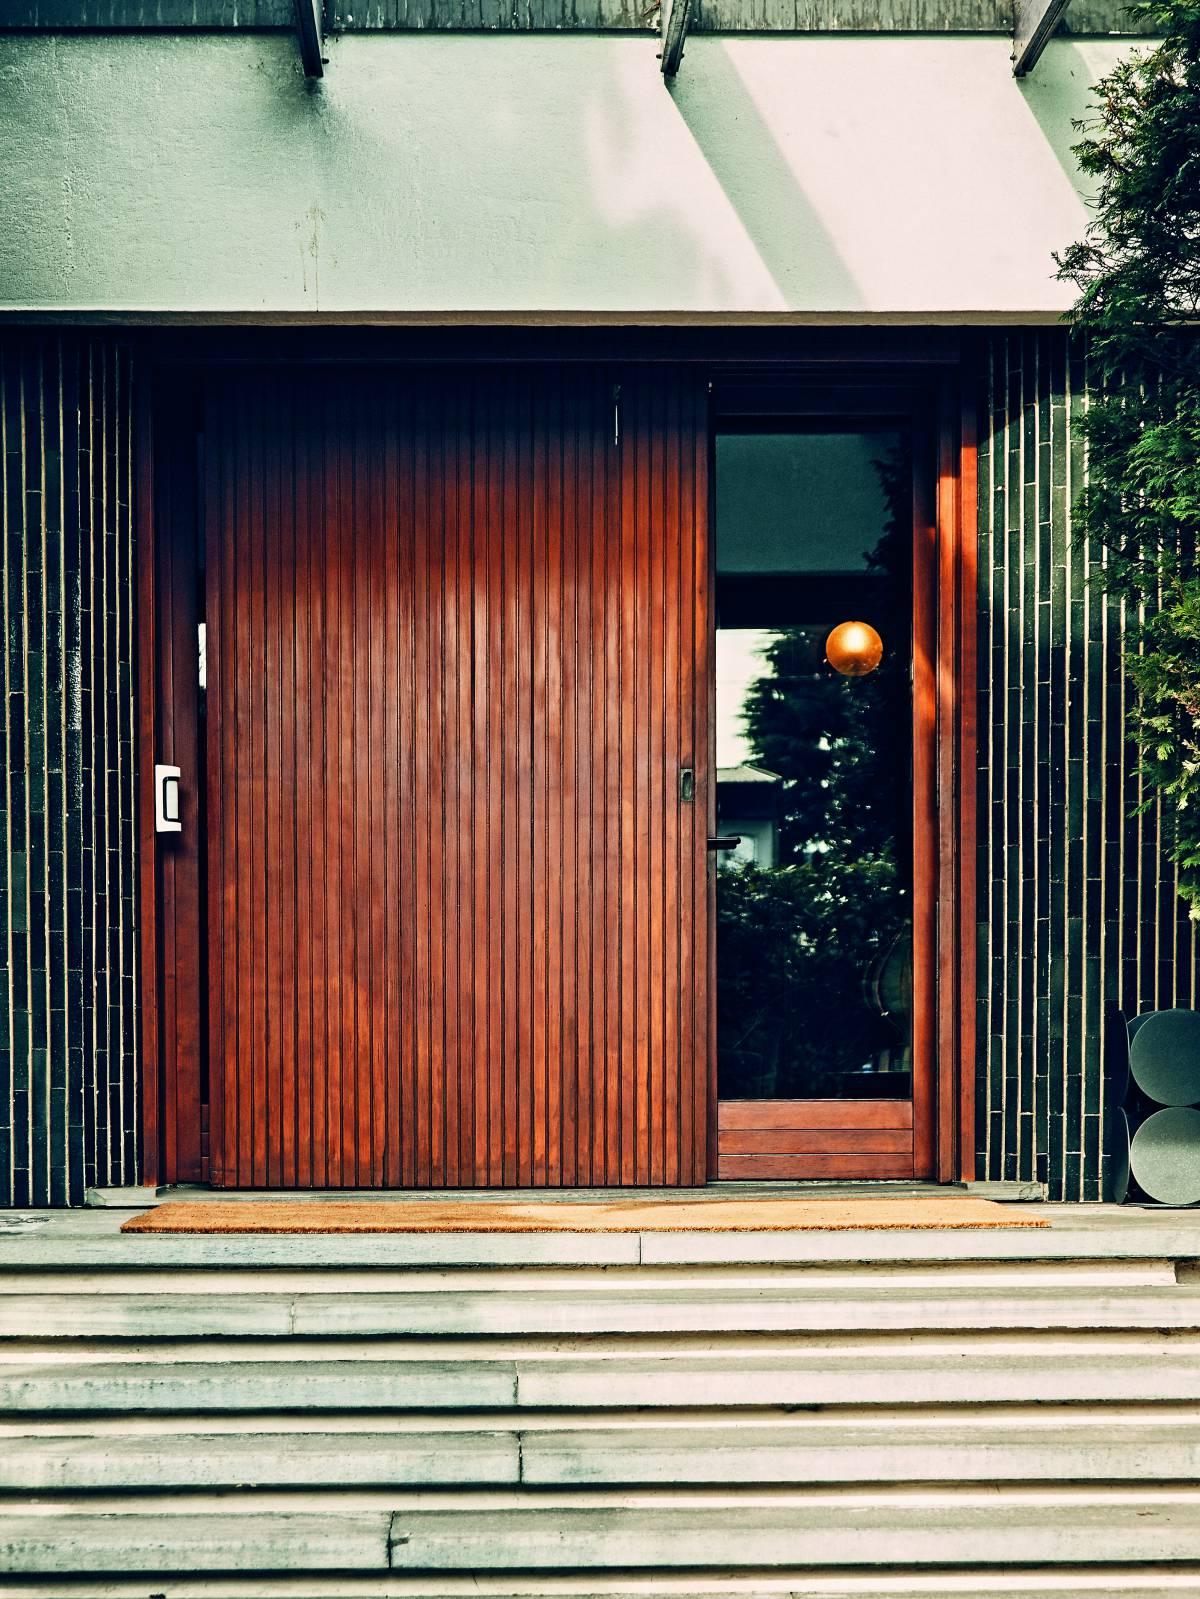 La moderna contención del estilo de Gigi Radice queda patente en la puerta de madera de la casa Minotti. | GIANFRANCO TRIPODO